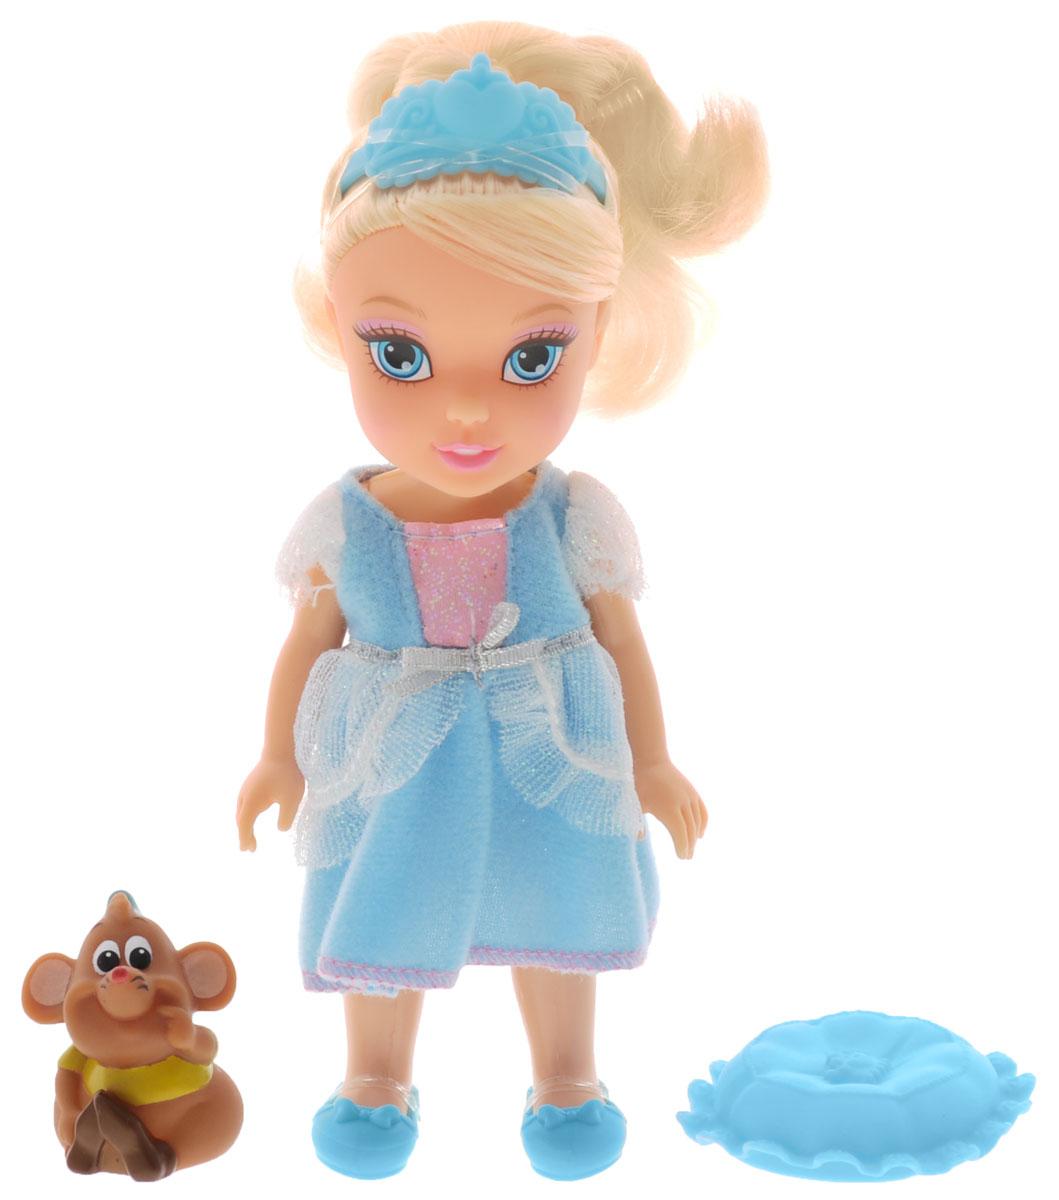 Disney Princess Мини-кукла Petite Cinderella and Gus754910_золушкаМини-кукла Disney Princess Petite Cinderella and Gus придется по душе вашей маленькой принцессе. Набор состоит из куколки в виде малышки Золушки, фигурки в виде ее друга мышонка Гаса и подушки. Этот мышонок очень веселый и смелый, у него немного непонятный говор. Гас помог украсить платье для Золушки вместе со своим другом Жаком. Ваша малышка с удовольствием будет играть с набором, придумывая различные истории и проигрывая сюжеты из мультфильма.